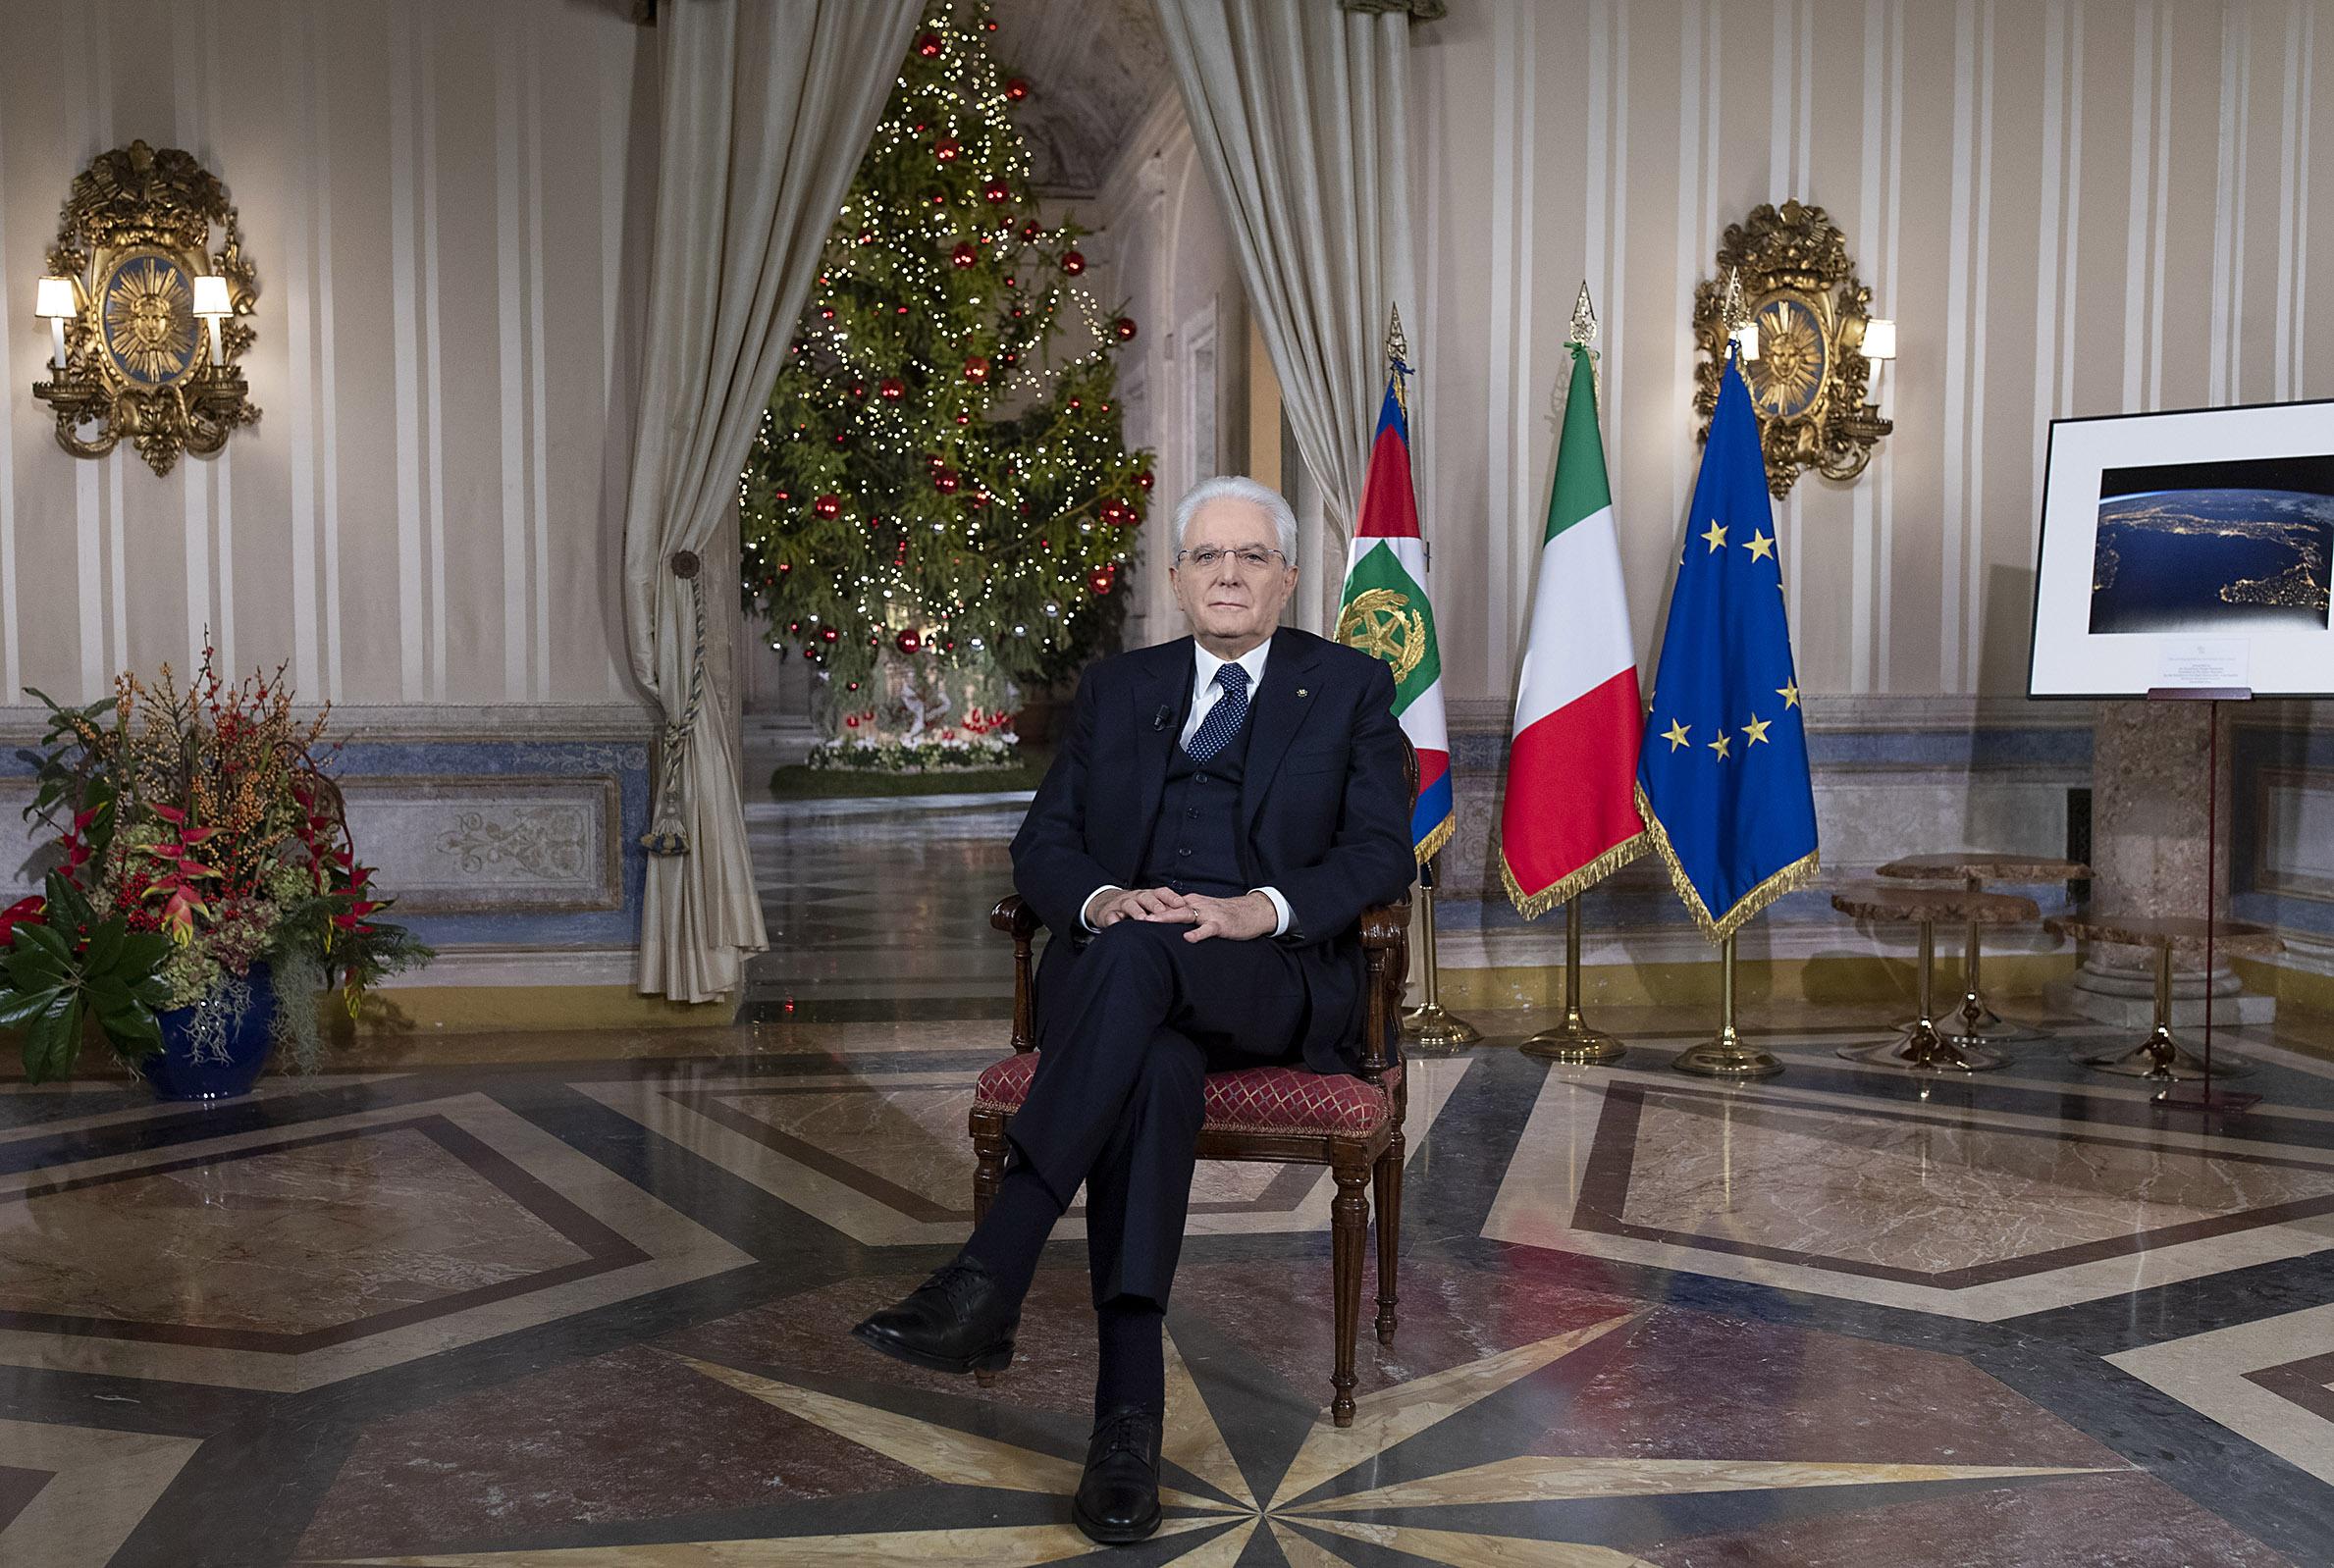 Nel discorso di fine anno, il presidente Sergio Mattarella sottolinea il ruolo della cultura e dell'istruzione